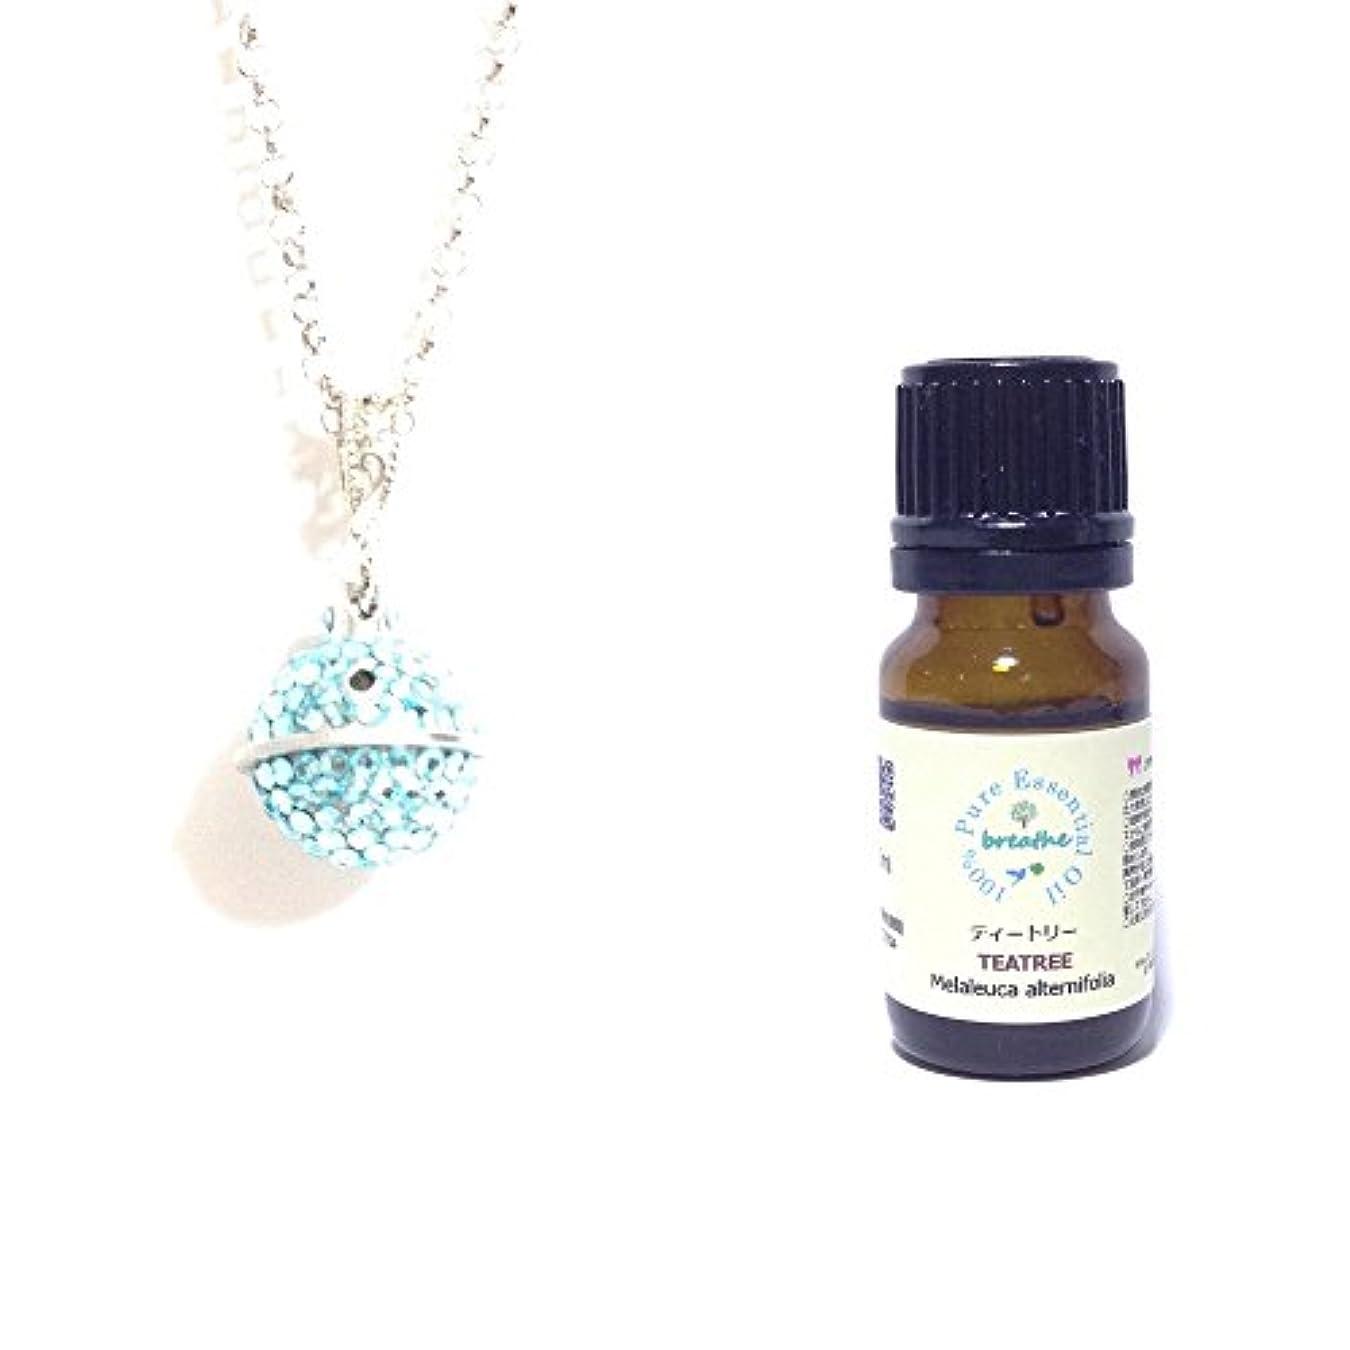 知人にやにや設計aroma bijouxアロマペンダント土星 3月誕生石カラー アクアマリン+breathe精油ティートリー10ml 香りのギフトセットl